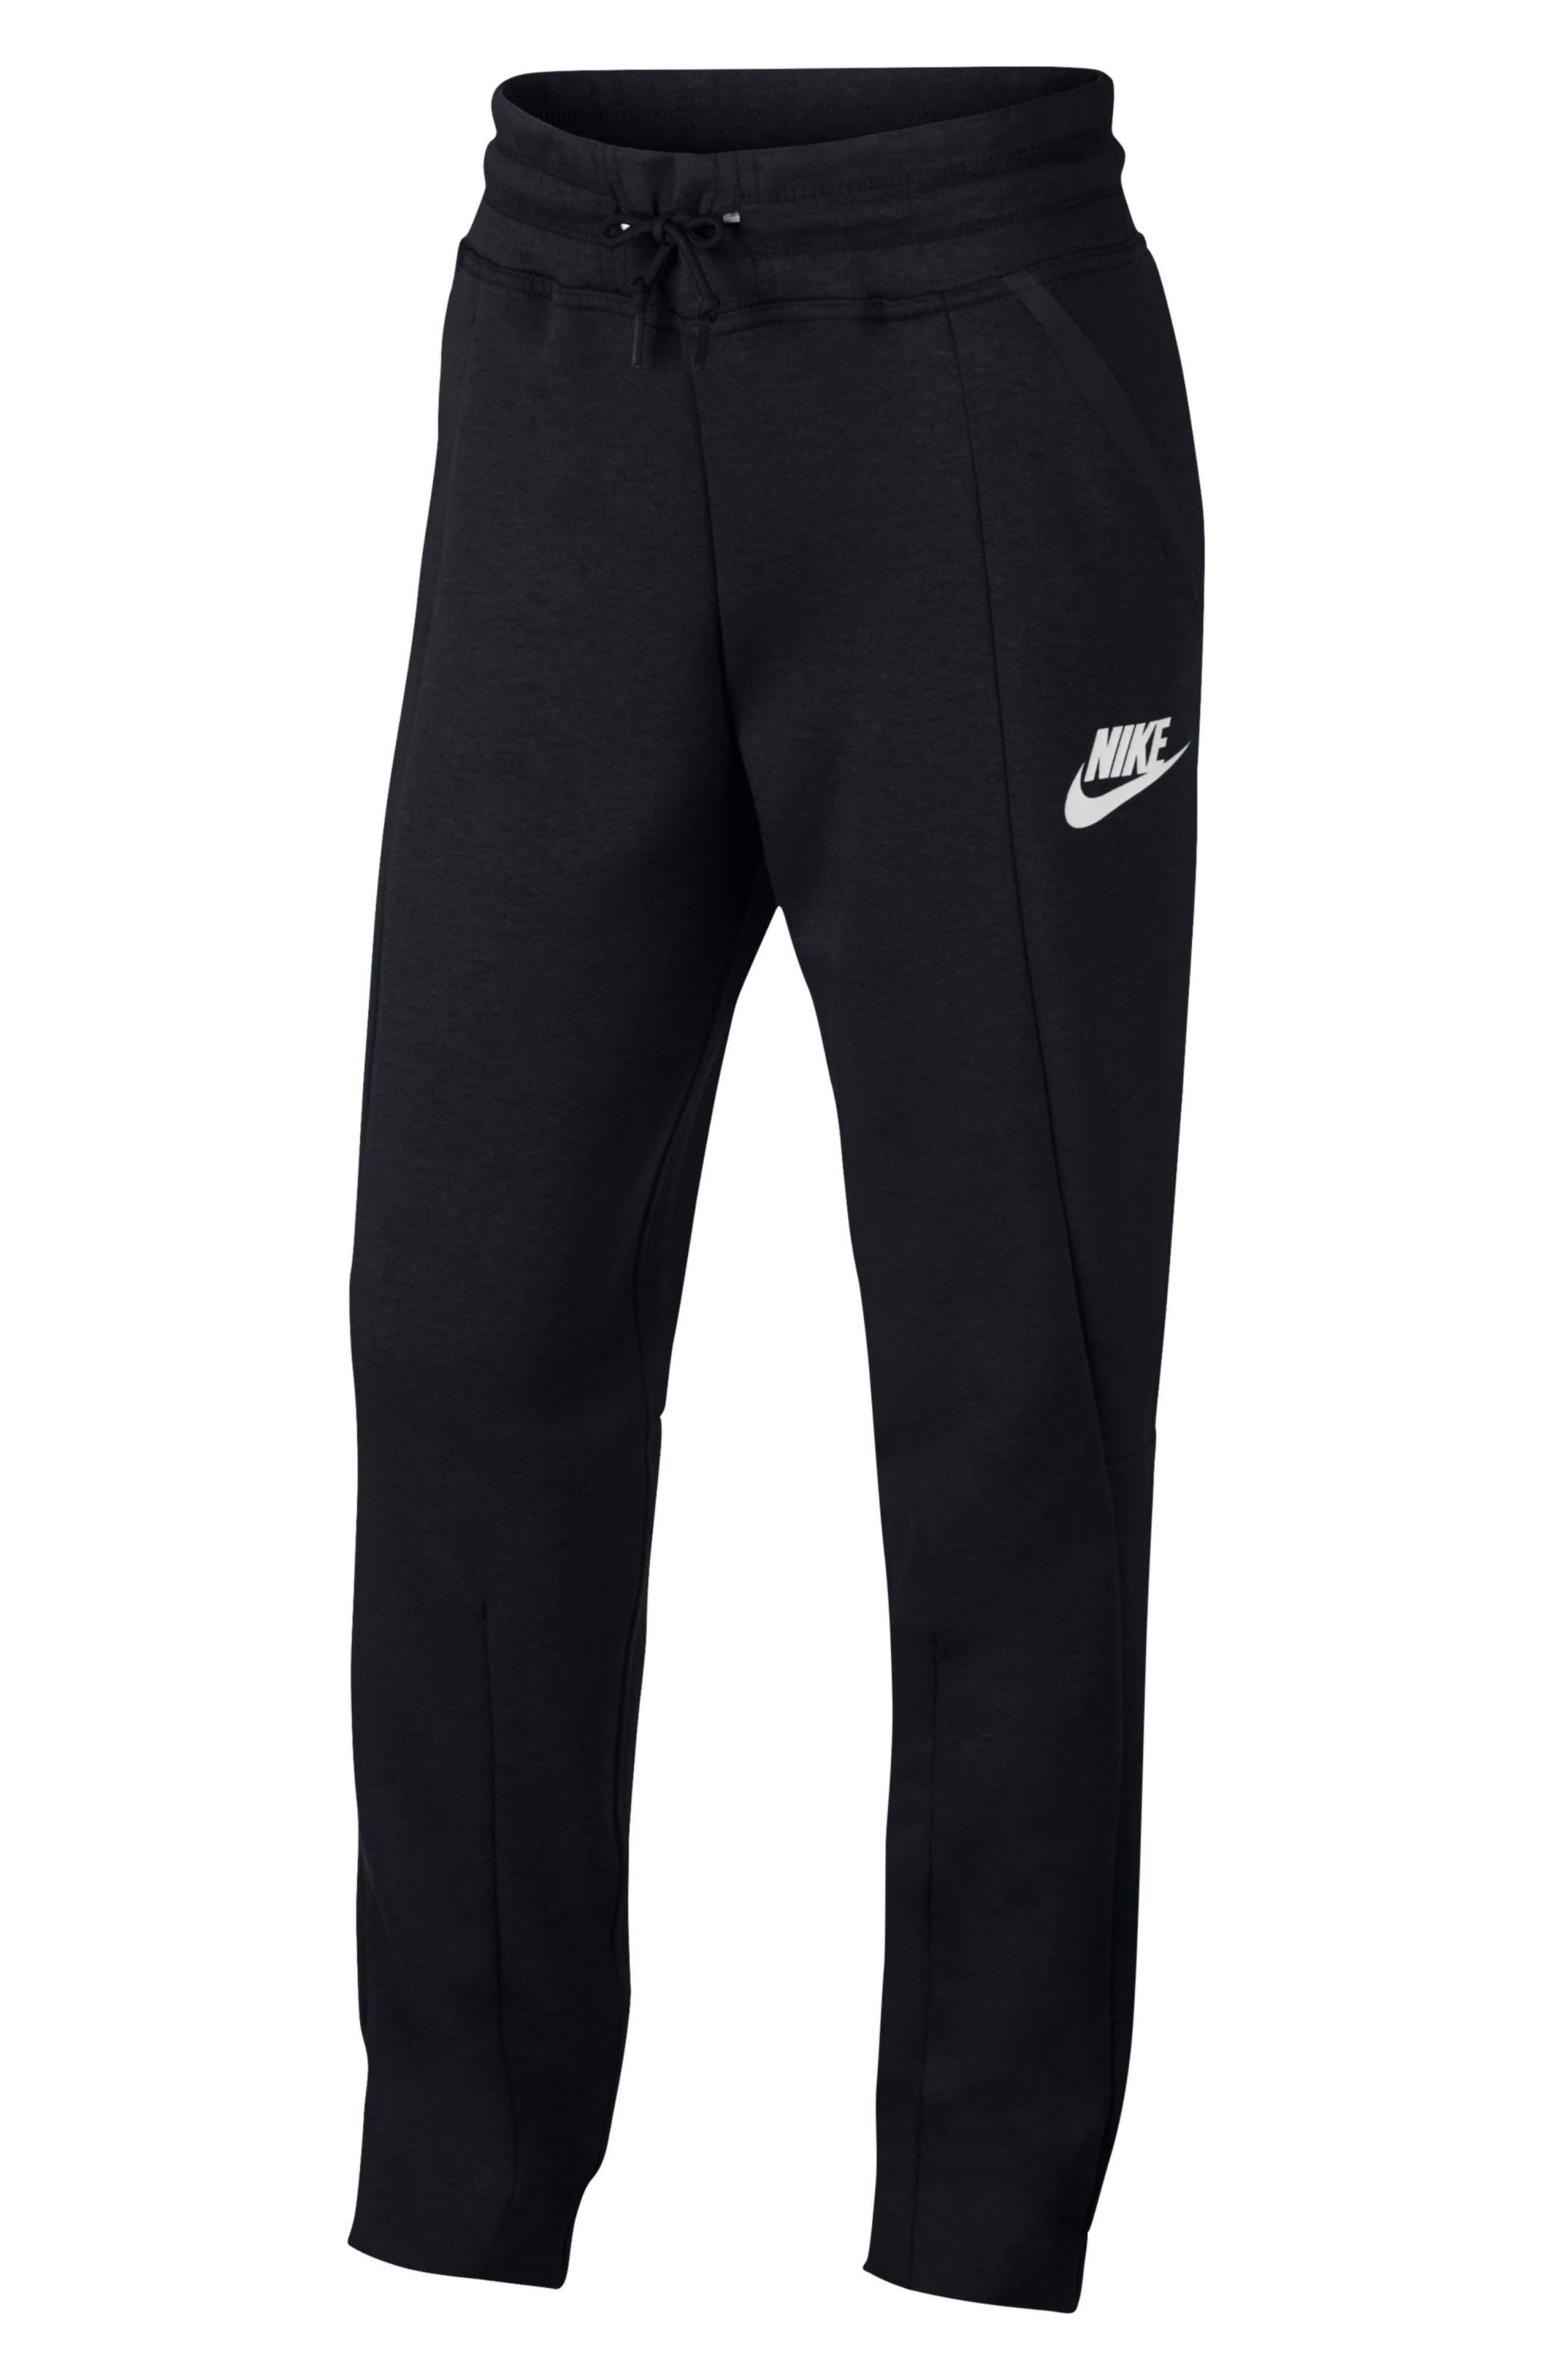 Alternate Image 1 Selected - Nike Tech Fleece Pants (Big Girls)